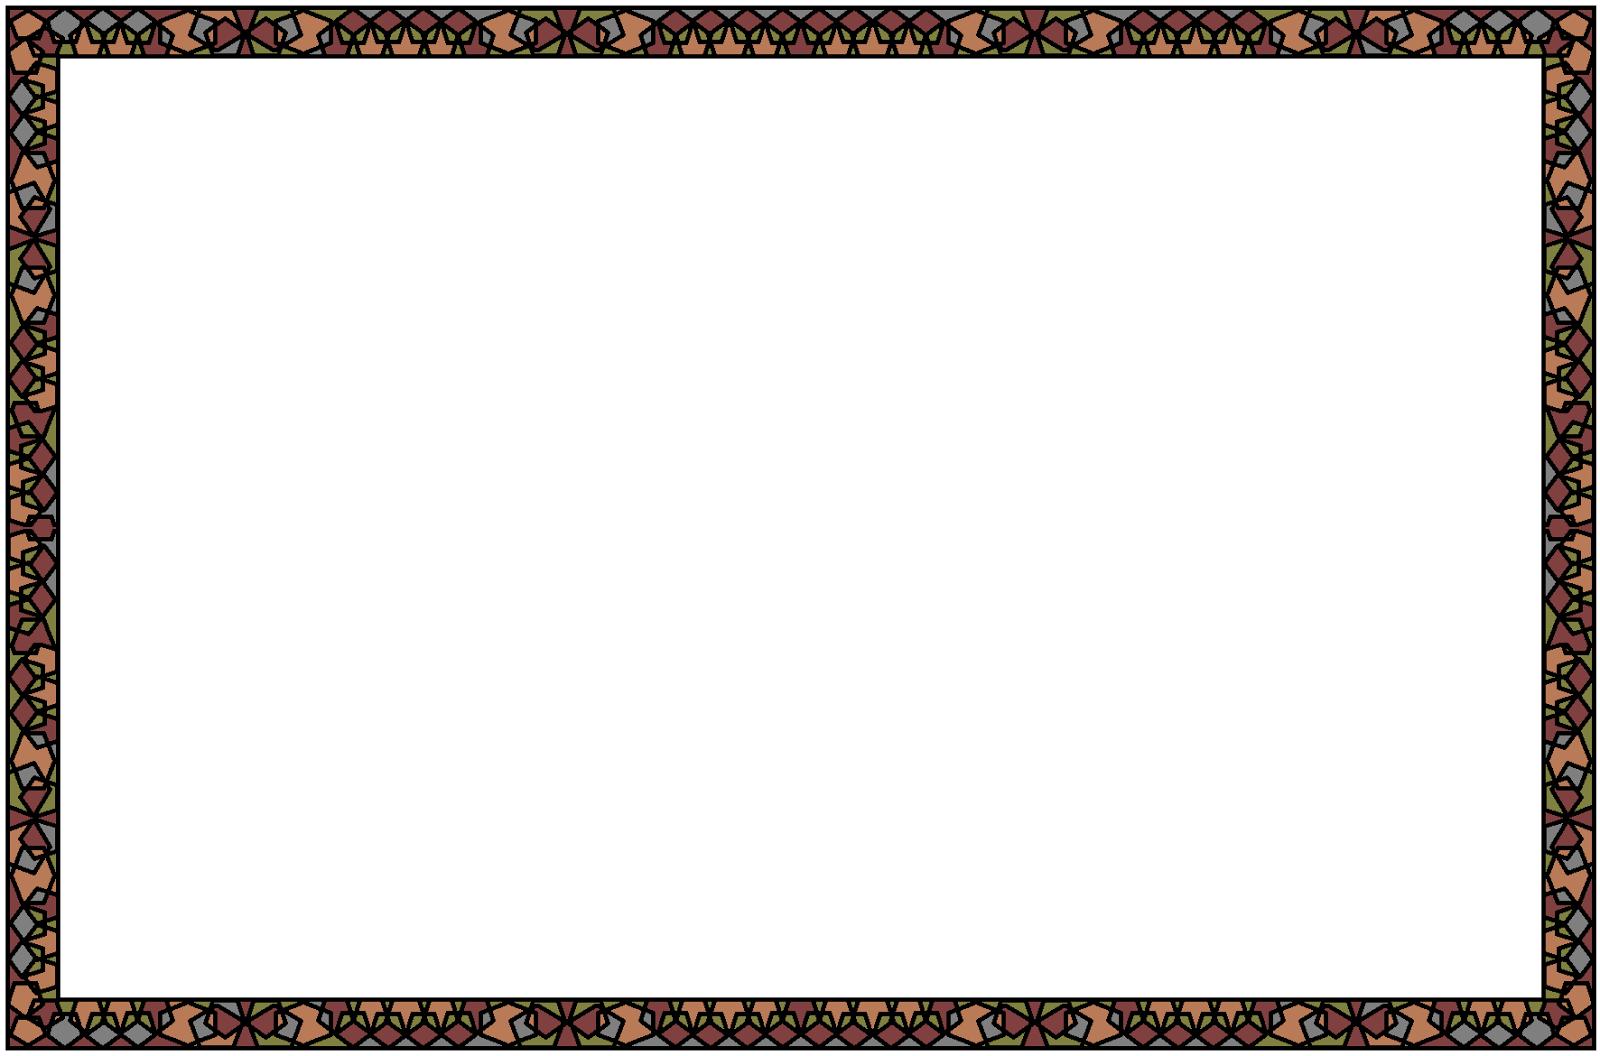 Mi escuelita multigrado marcos escudos y logotipos - Marco de fotos multiple ...